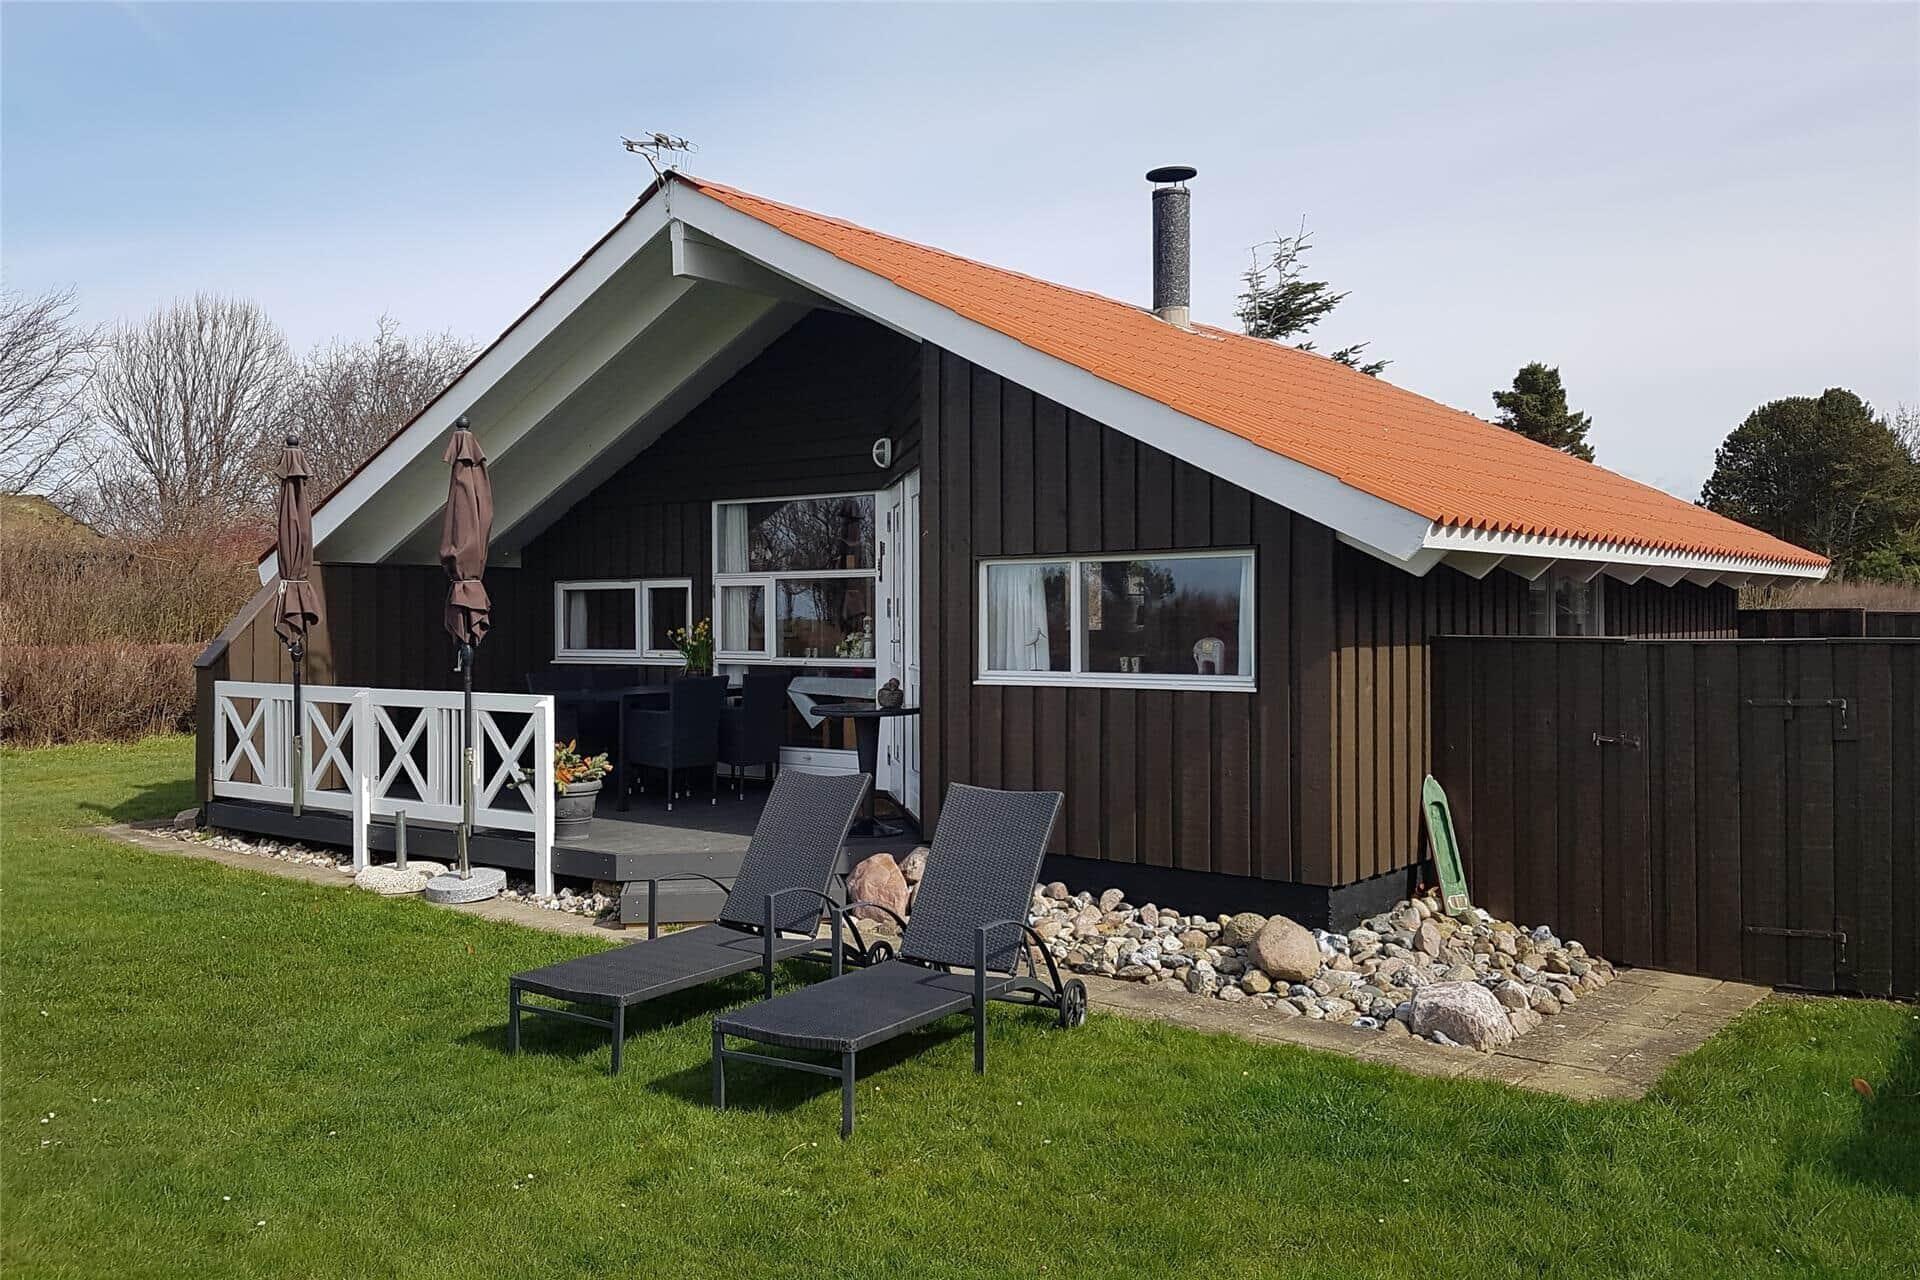 Billede 1-26 Sommerhus SL270, Digevej 43, DK - 4244 Agersø